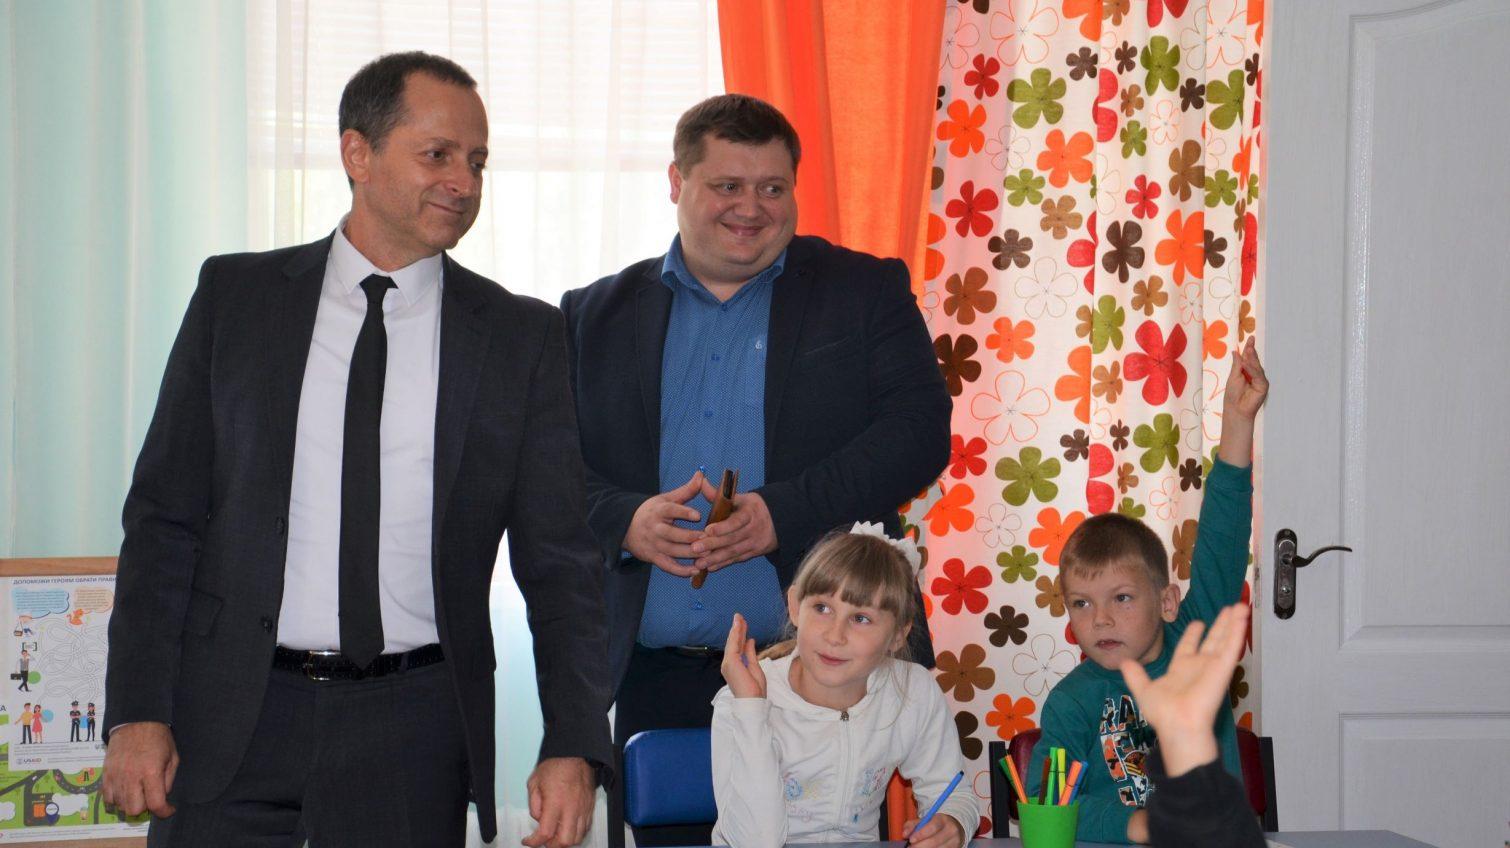 Замминистра соцполитики в Одессе: дети из неблагополучных семей не должны воспитываться в интернатах (фото) «фото»